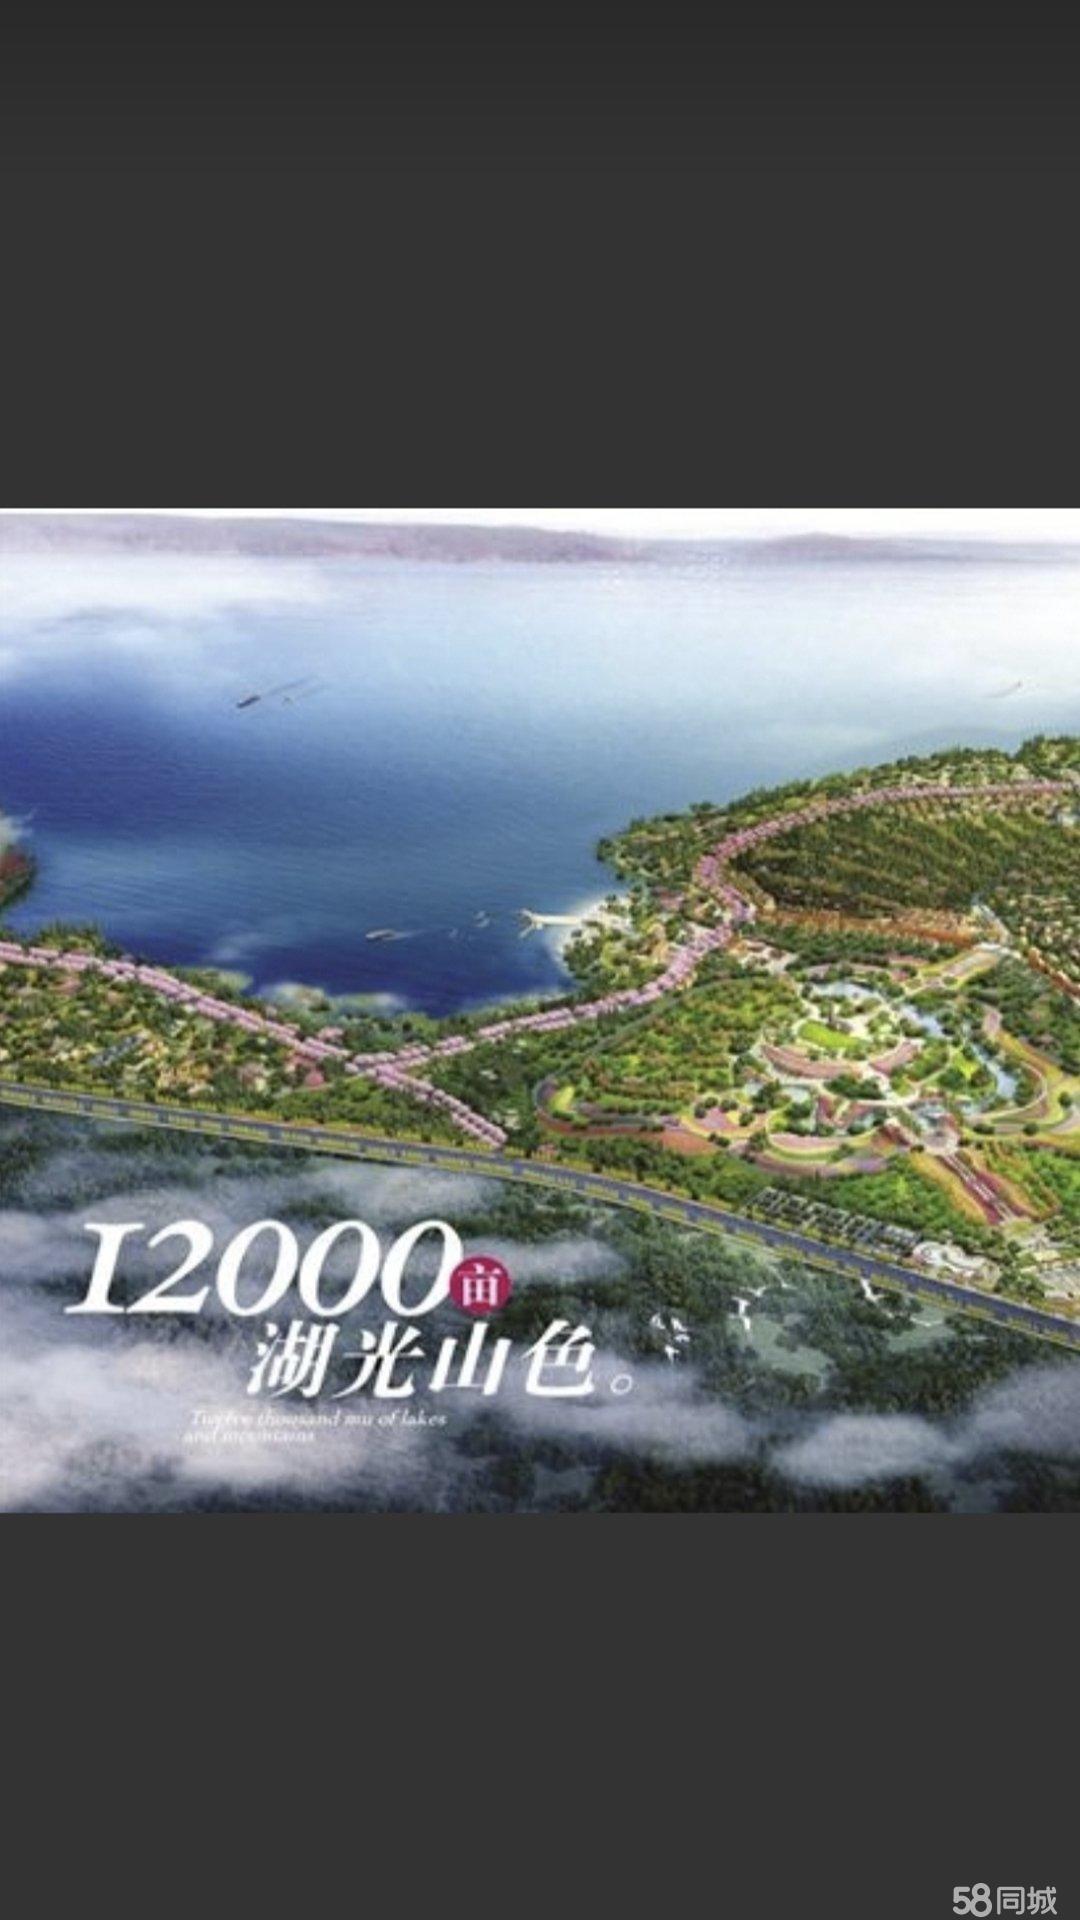 东方玫瑰谷旅游度假小镇,精装修小户型客栈,低首付12万售